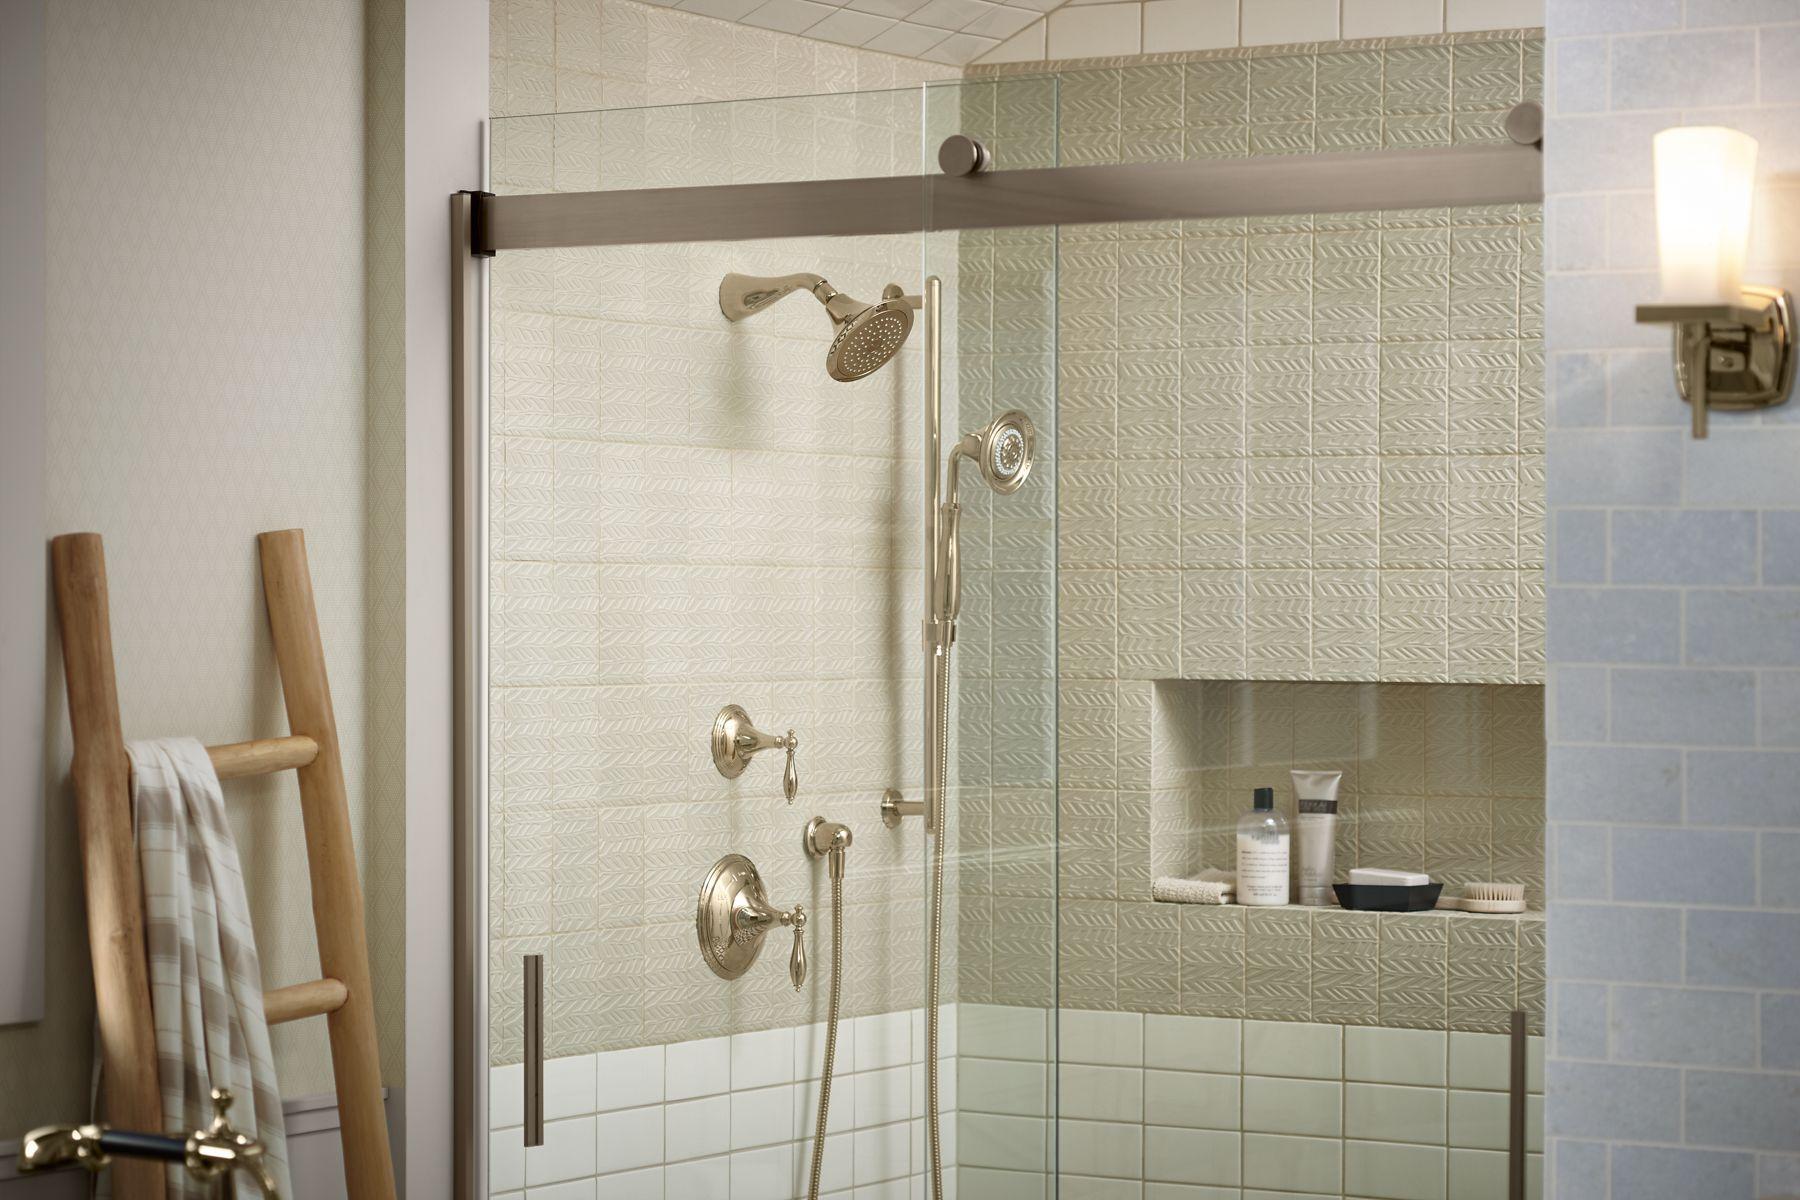 Shower with swinging door